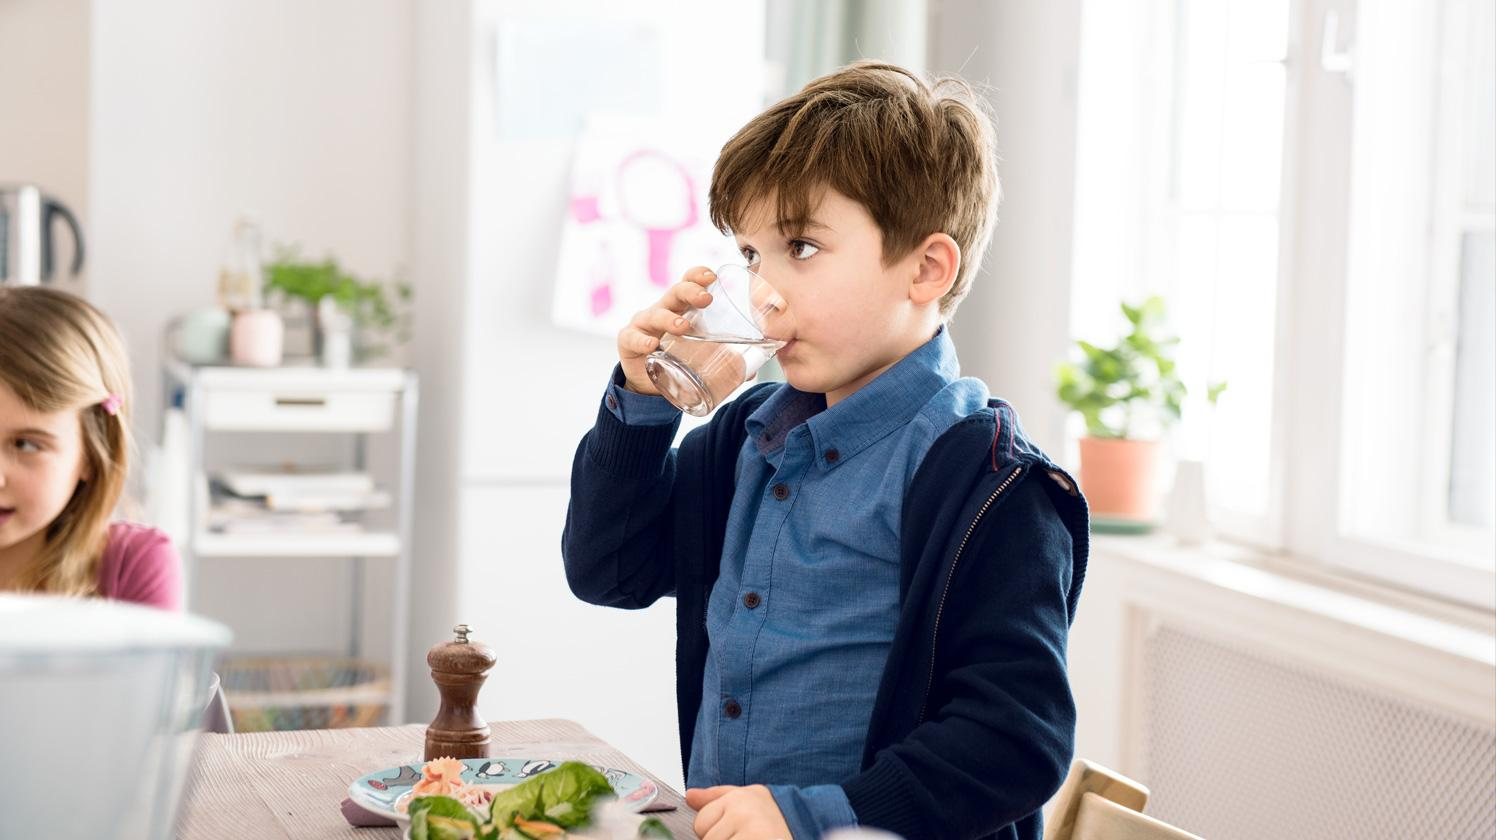 BRITA persönlicher Wasserbedarf Junge trinkt